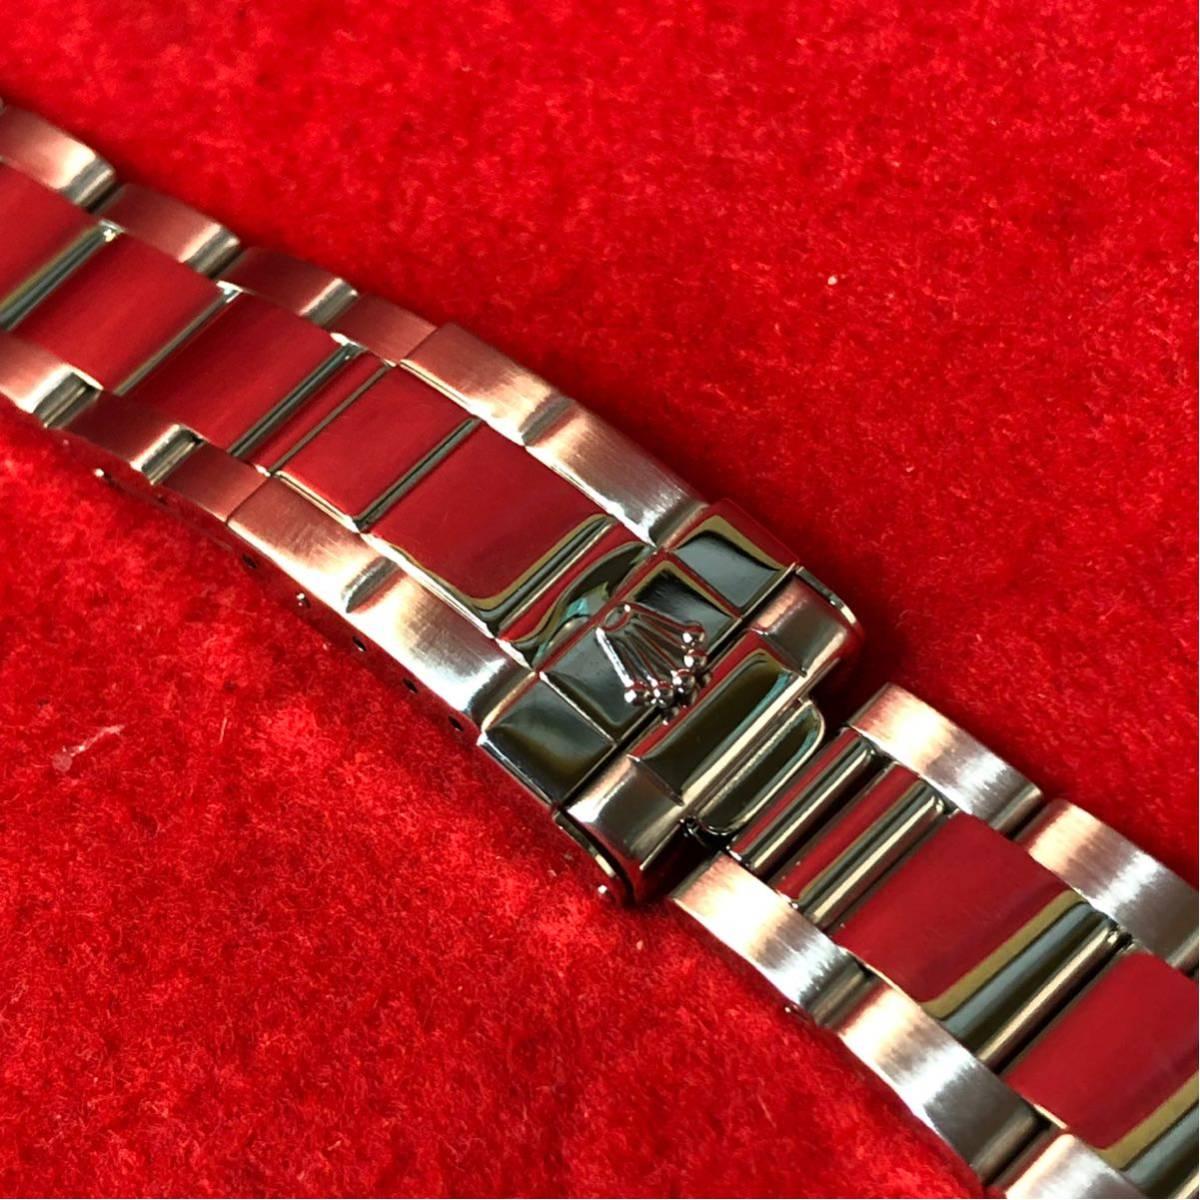 【美品】ROLEX ロレックス 純正 1650 デイトナ用 ブレスレット 最終期 78390/803B 1999年~2000年 5+7コマ 12コマ 腕時計 メンズ_画像3